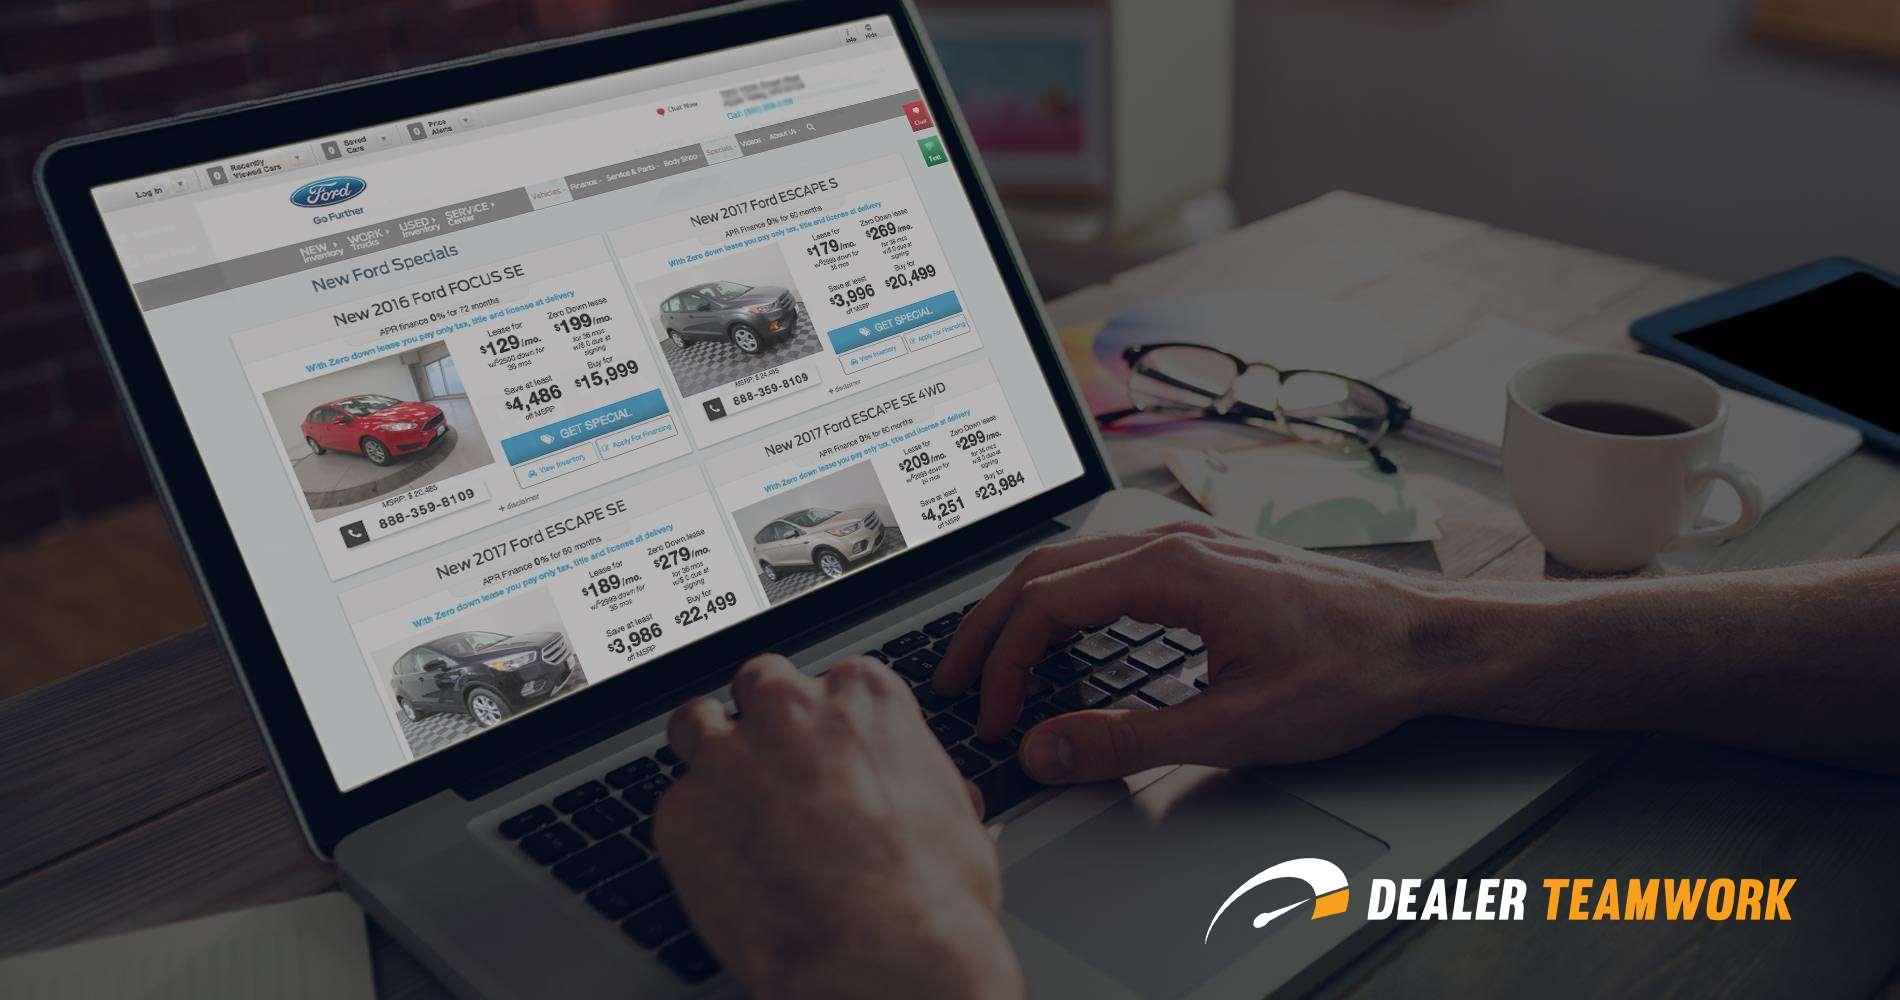 Digital Marketing Made Easy To Understand Amp Use Dealer Teamwork